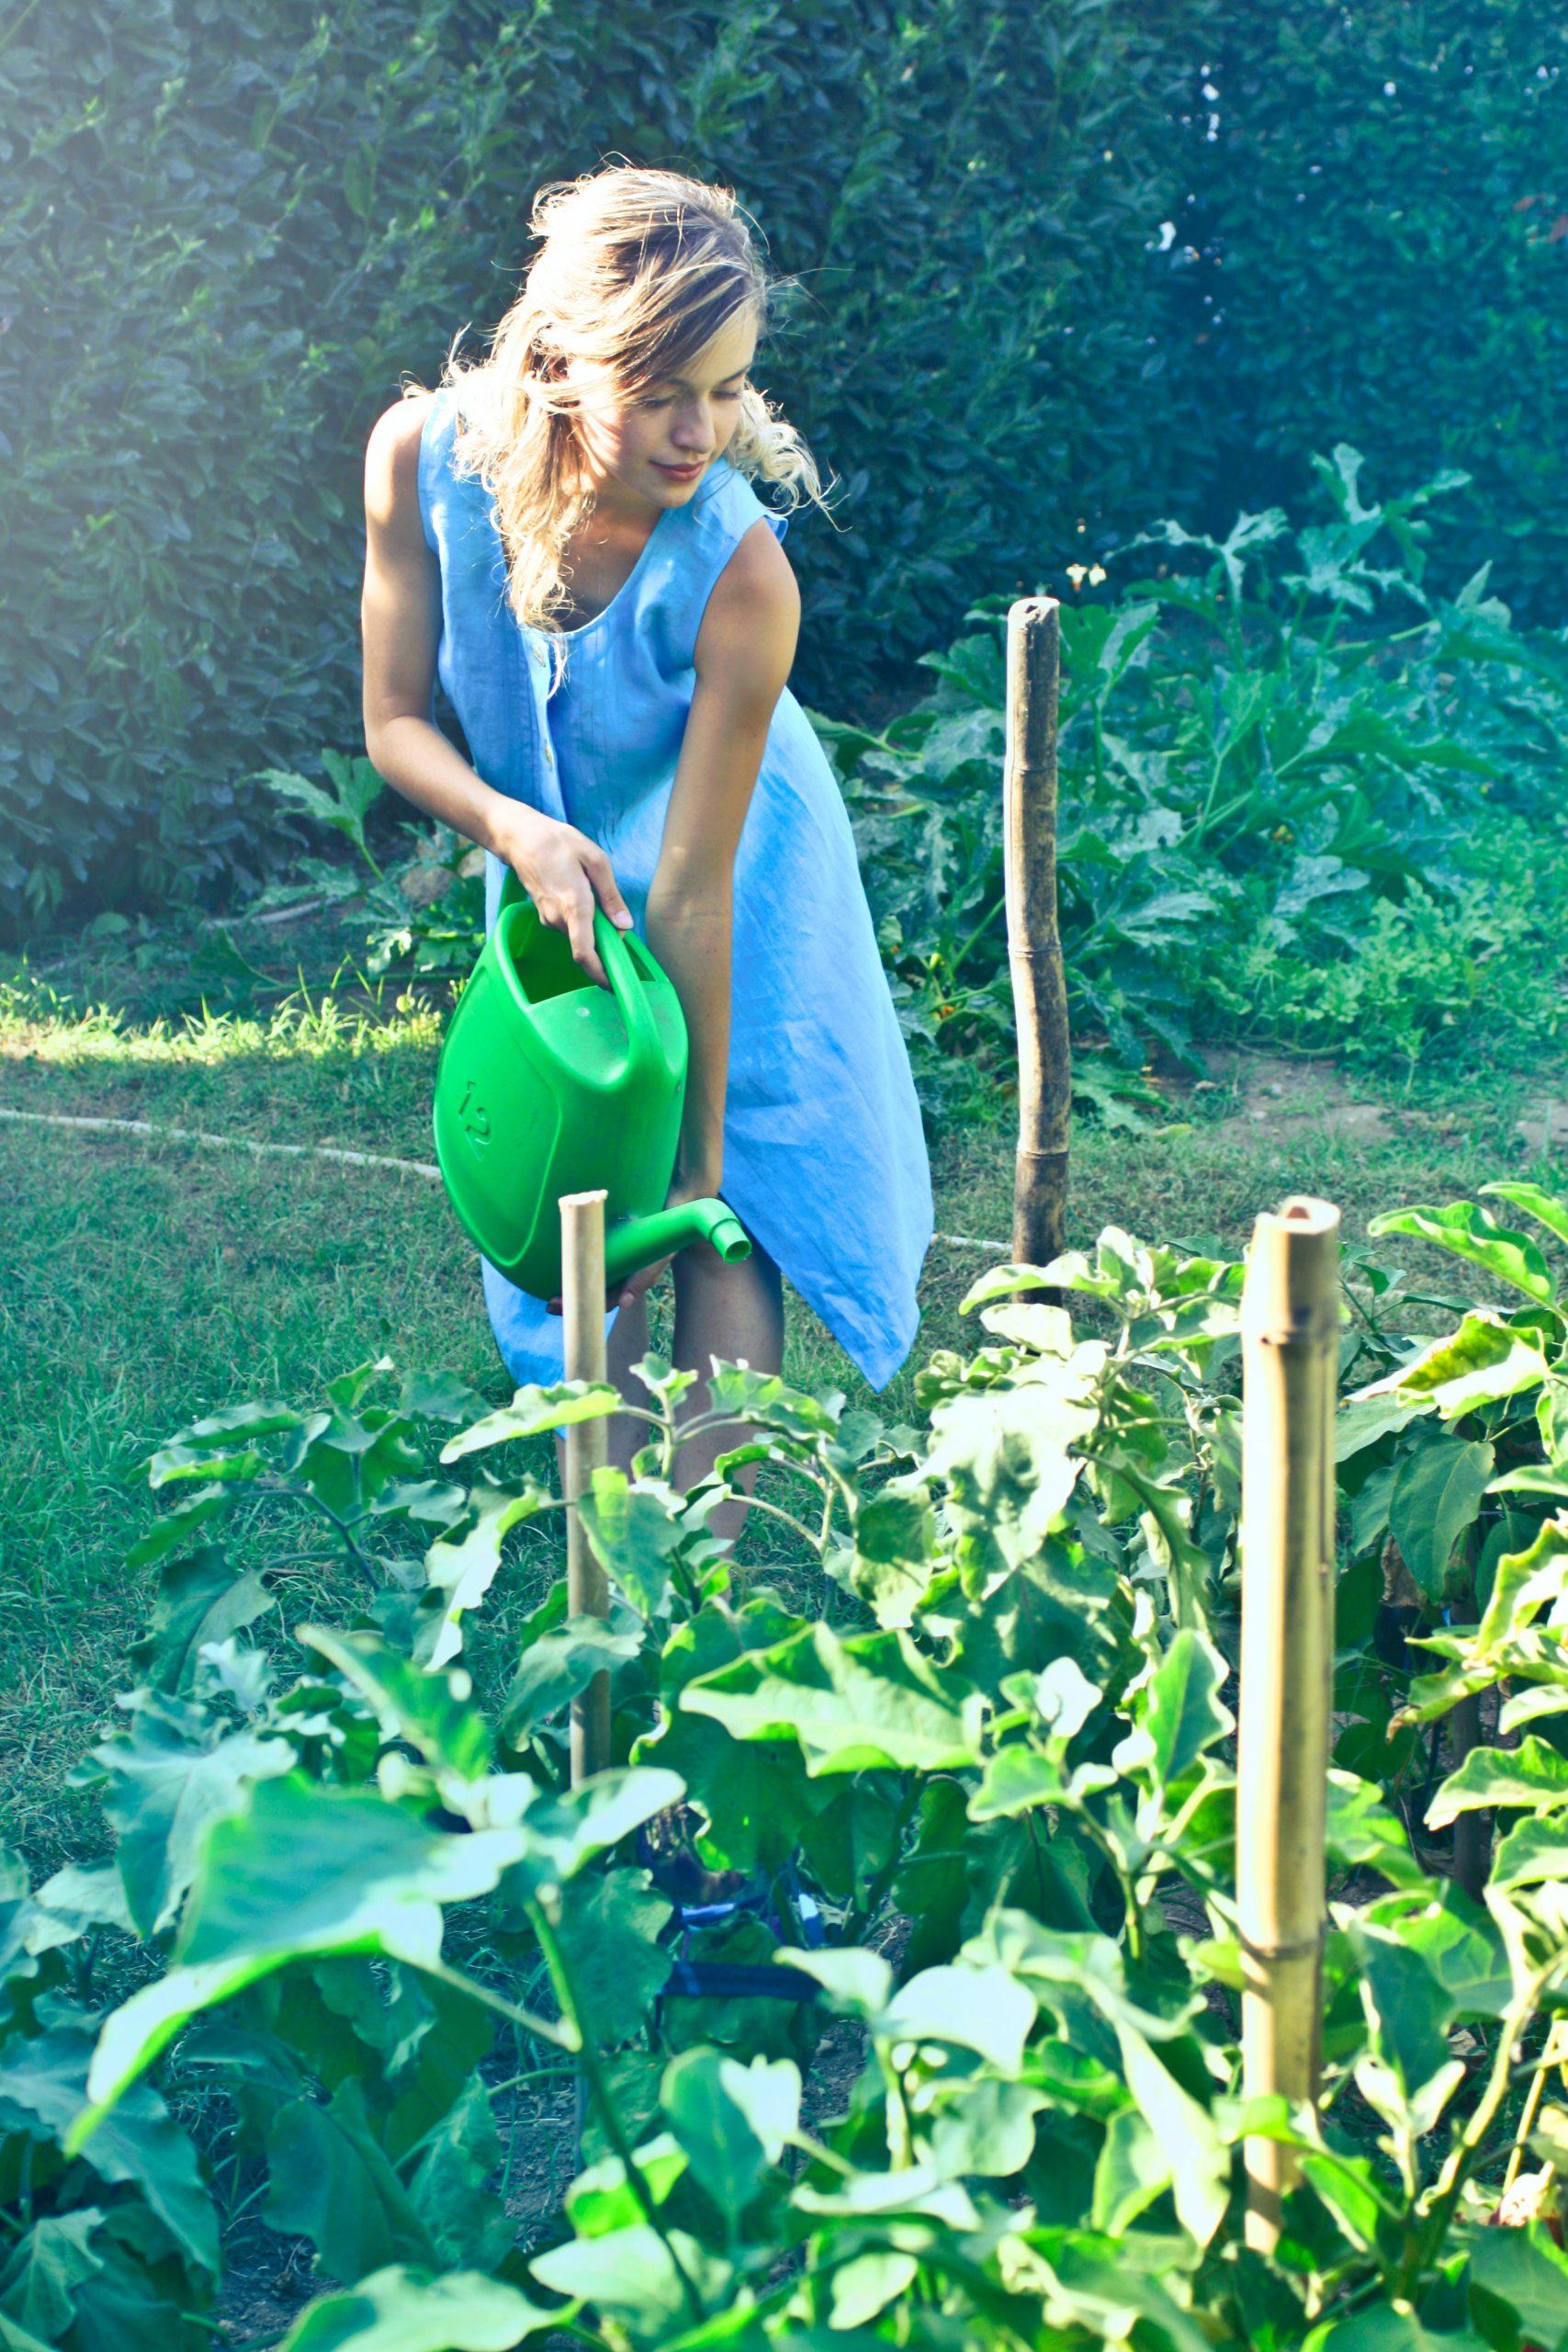 vrtlarenje01-slowage365